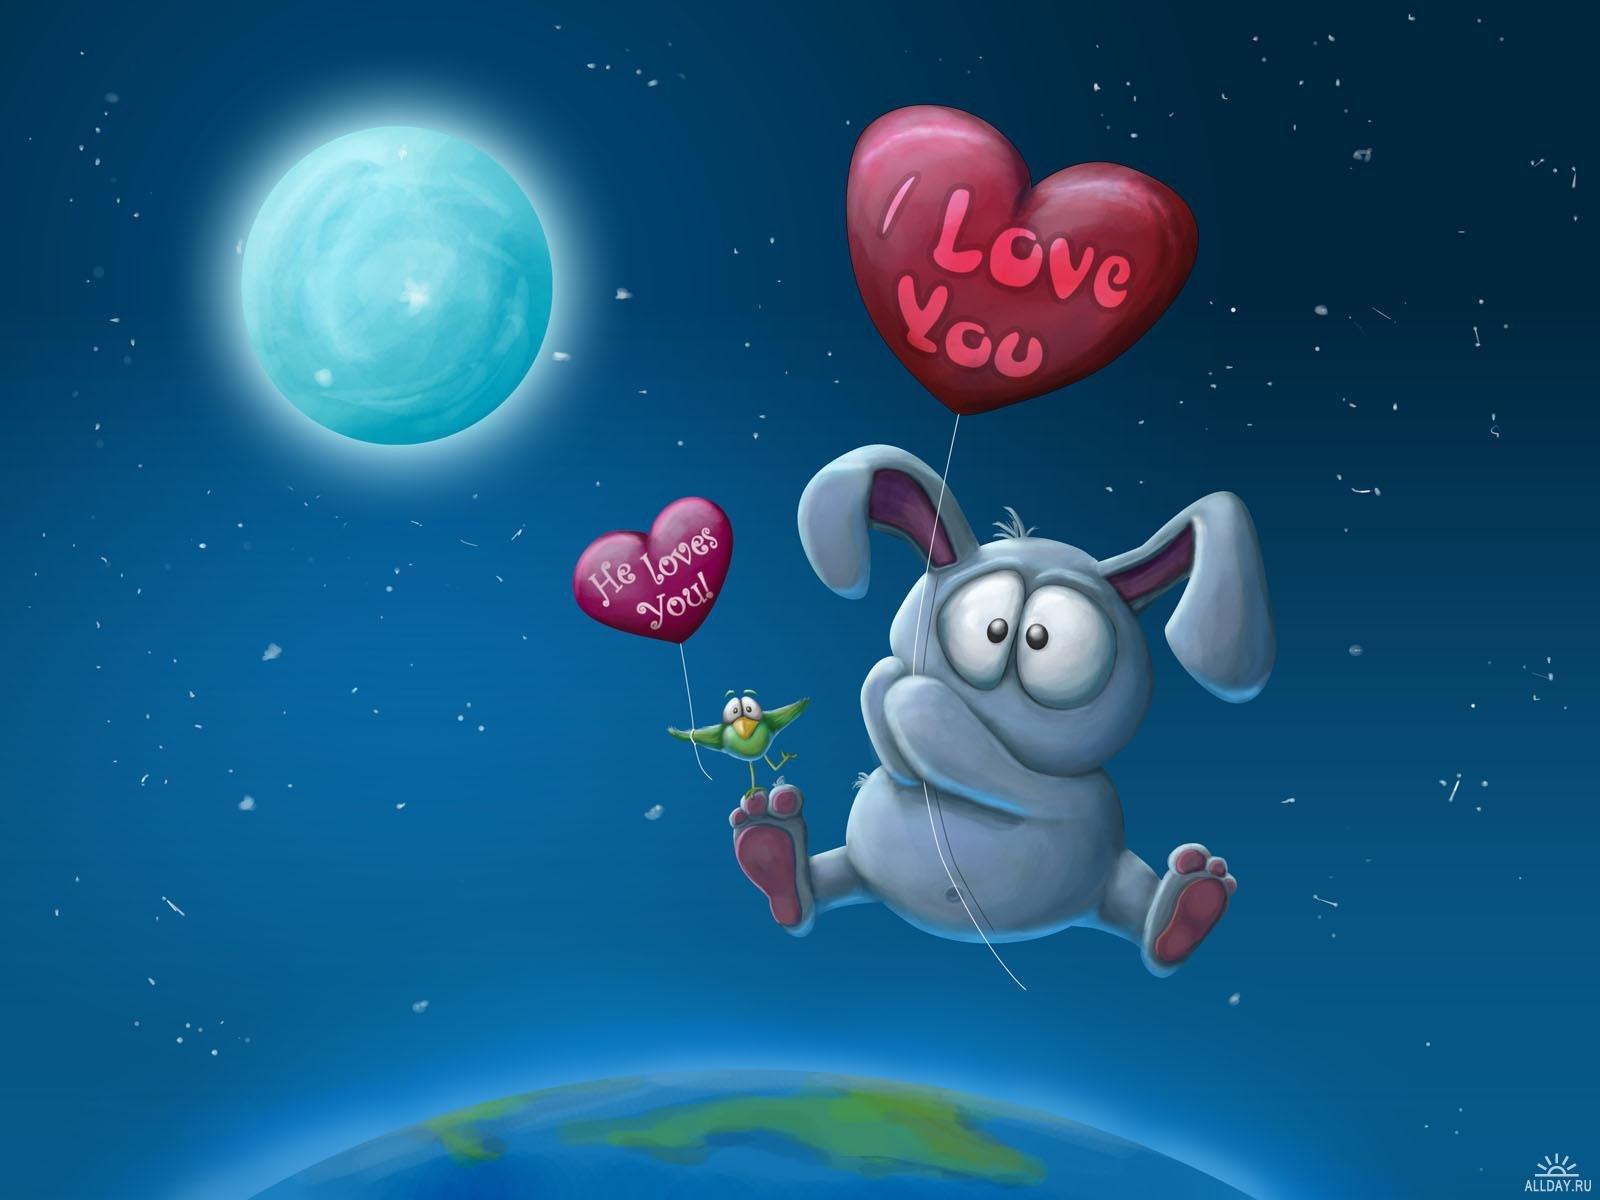 Гиф, смешные рисунки о любви